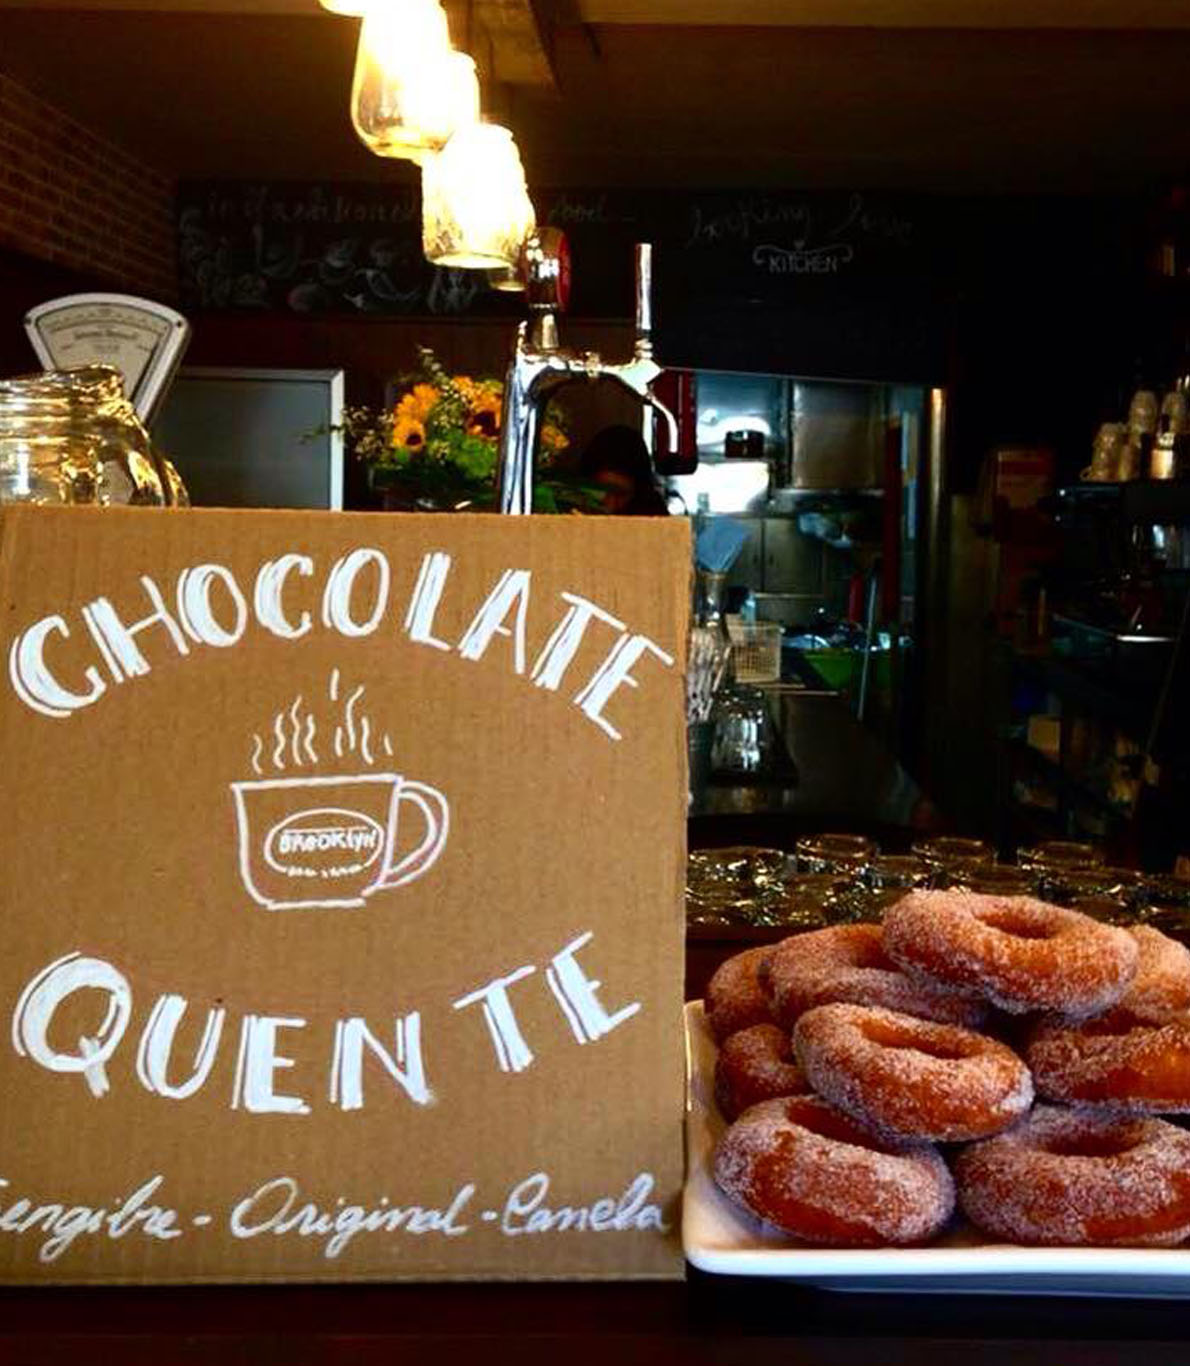 Sugestão do dia, chocolate quente e donuts.